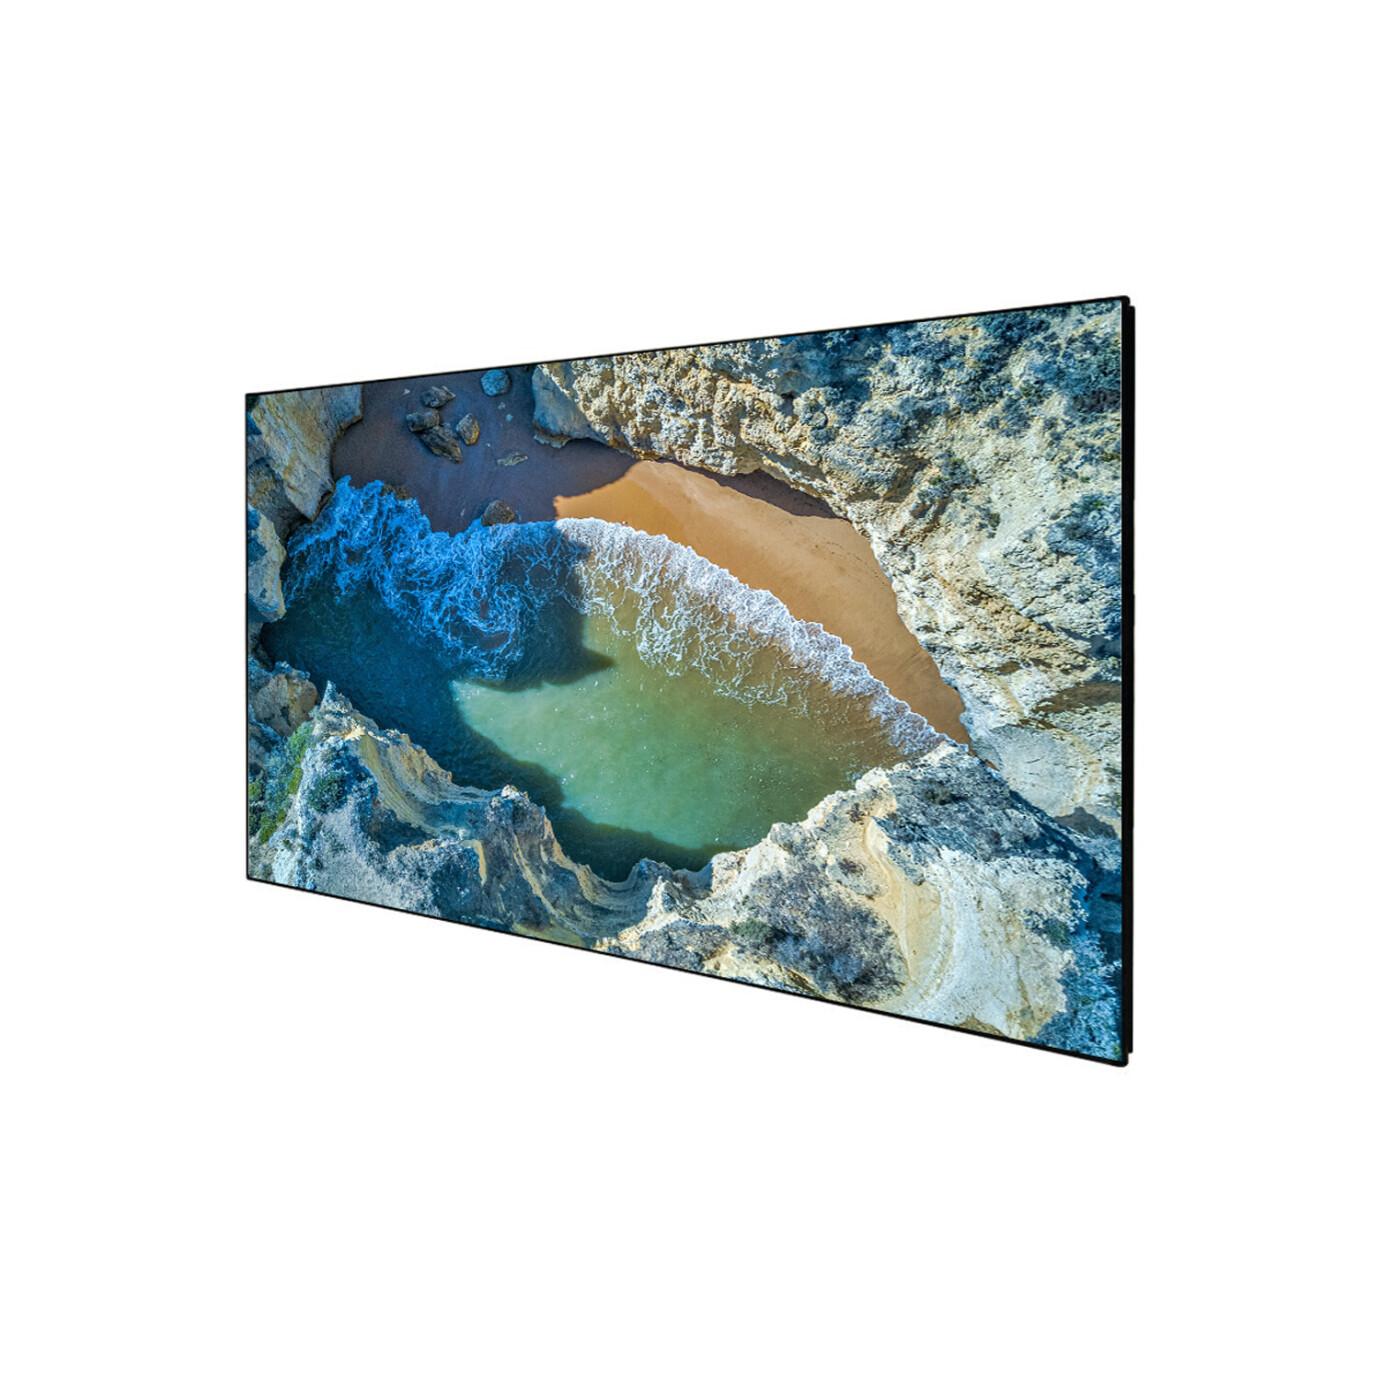 DELUXX Cinema Frame Screen SlimFrame 221 x 124cm, 100